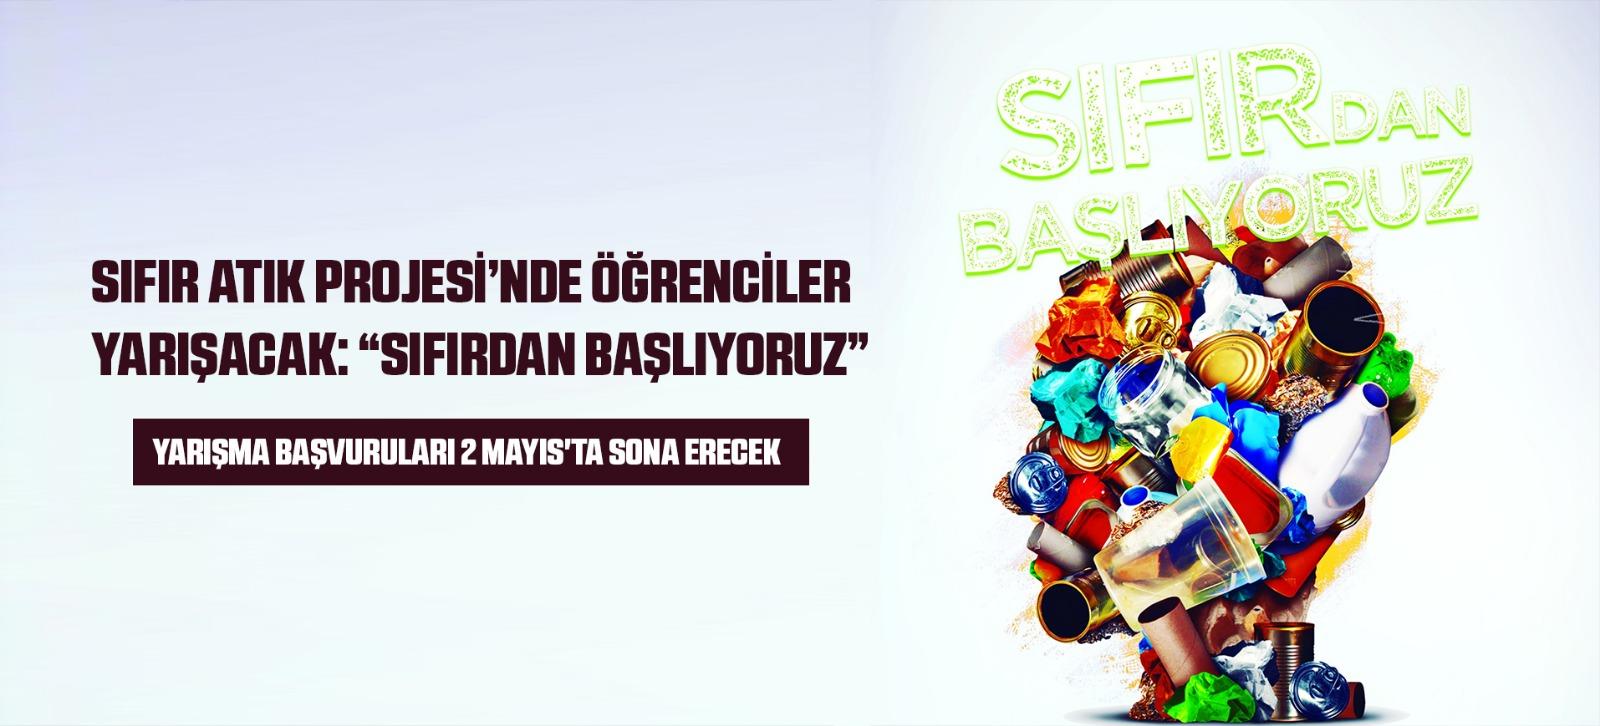 """Çevre ve Şehircilik Bakanlığı tarafından hayata geçirilen ve Cumhurbaşkanı Recep Tayyip Erdoğan'ın eşi Emine Erdoğan'ın himayesinde uygulanan Sıfır Atık Projesi'nde, ilkokul, ortaokul, lise ve üniversite öğrencileri """"Sıfırdan Başlıyoruz"""" ile yarışacak"""